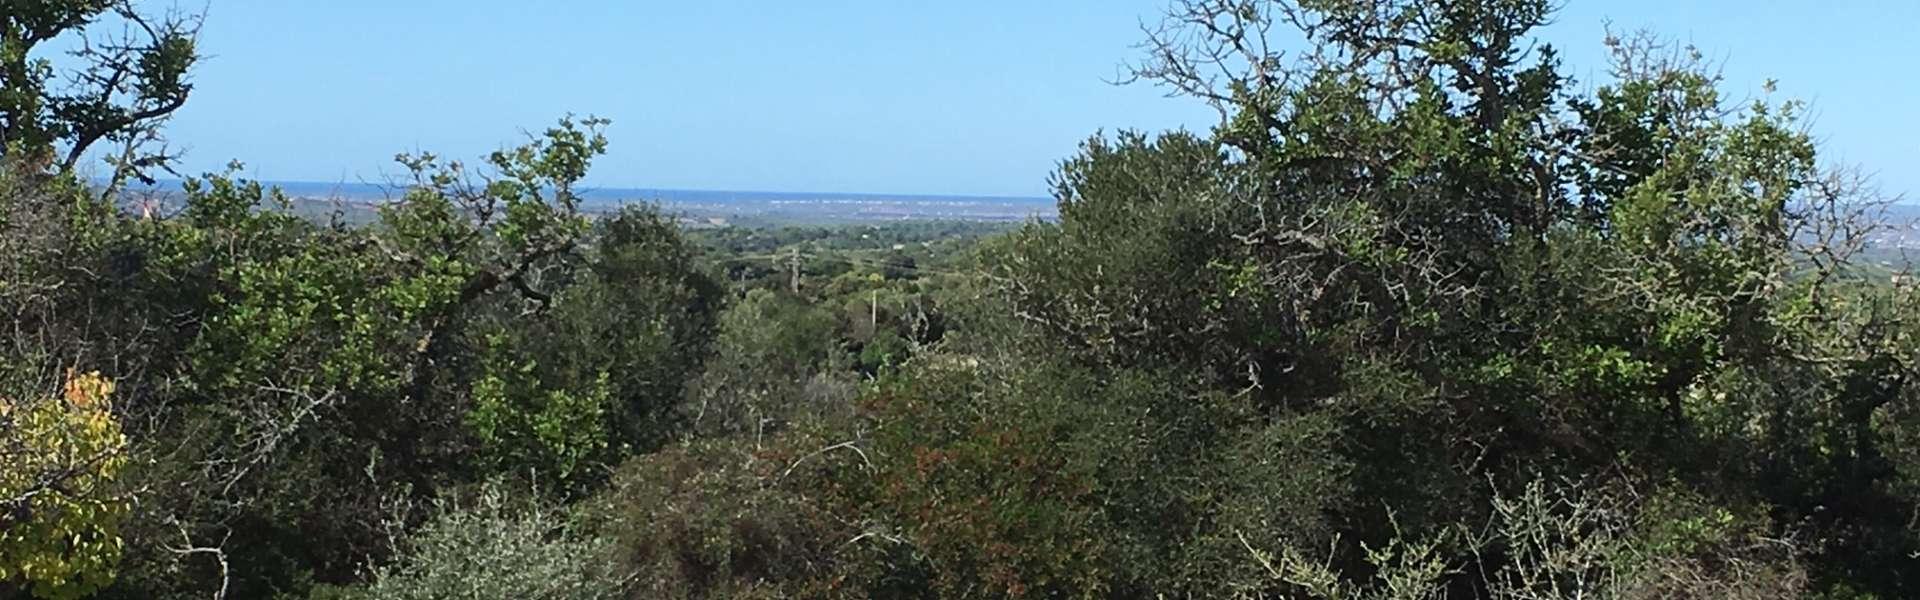 Baugrundstück mit traumhaften Panorama-Meerblick in Es Carritxo